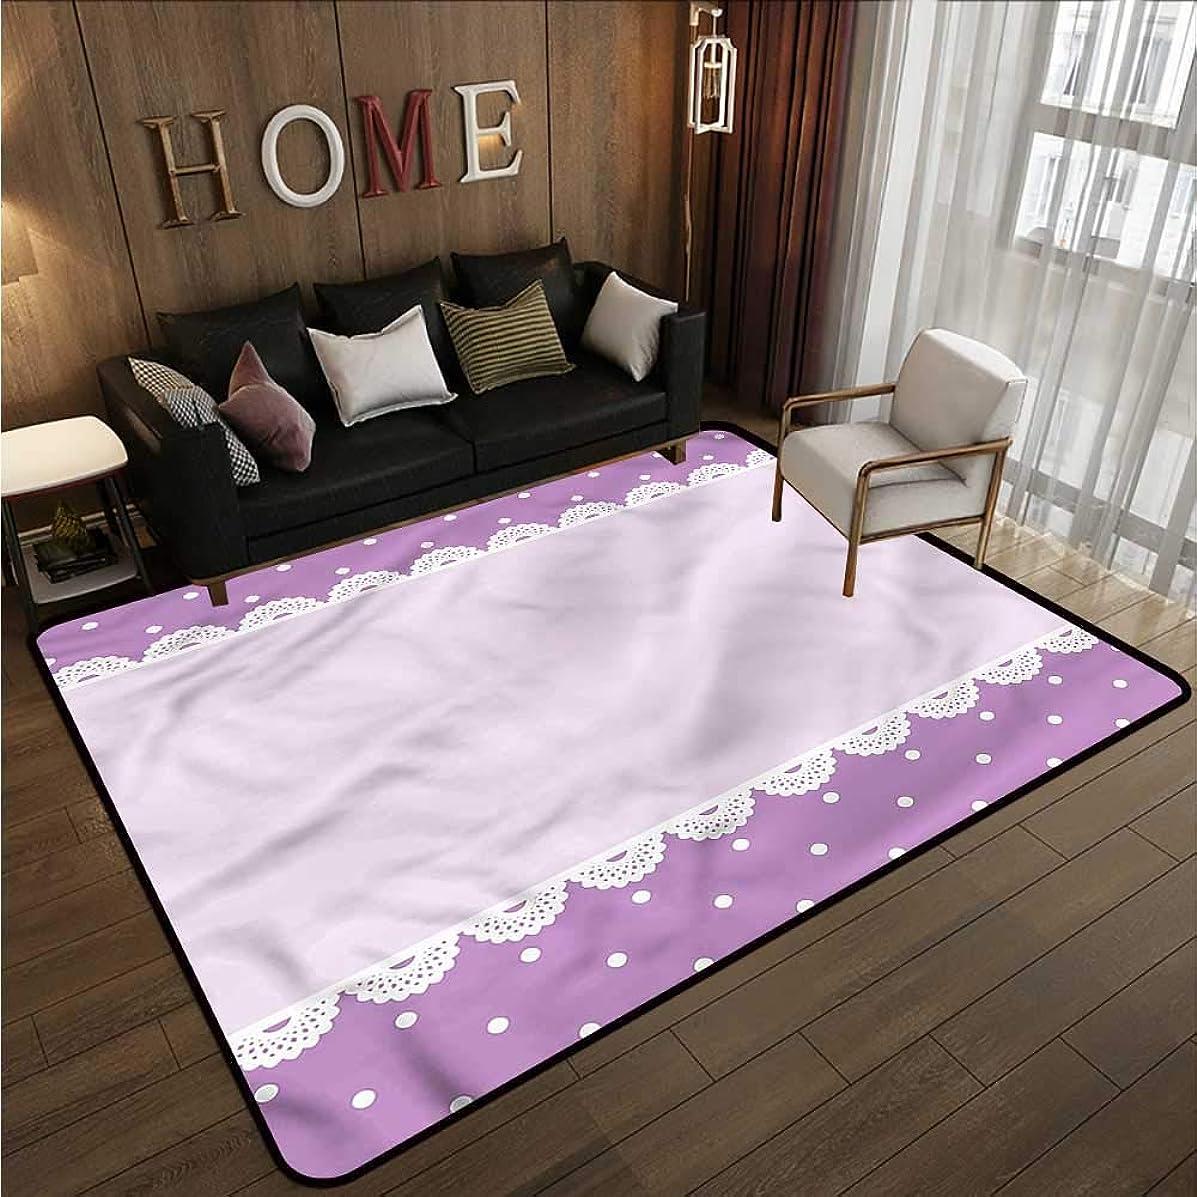 Kids Rug Mauve Old Lace Patterns Polka Children Crawling Bedroom Rug 4'7